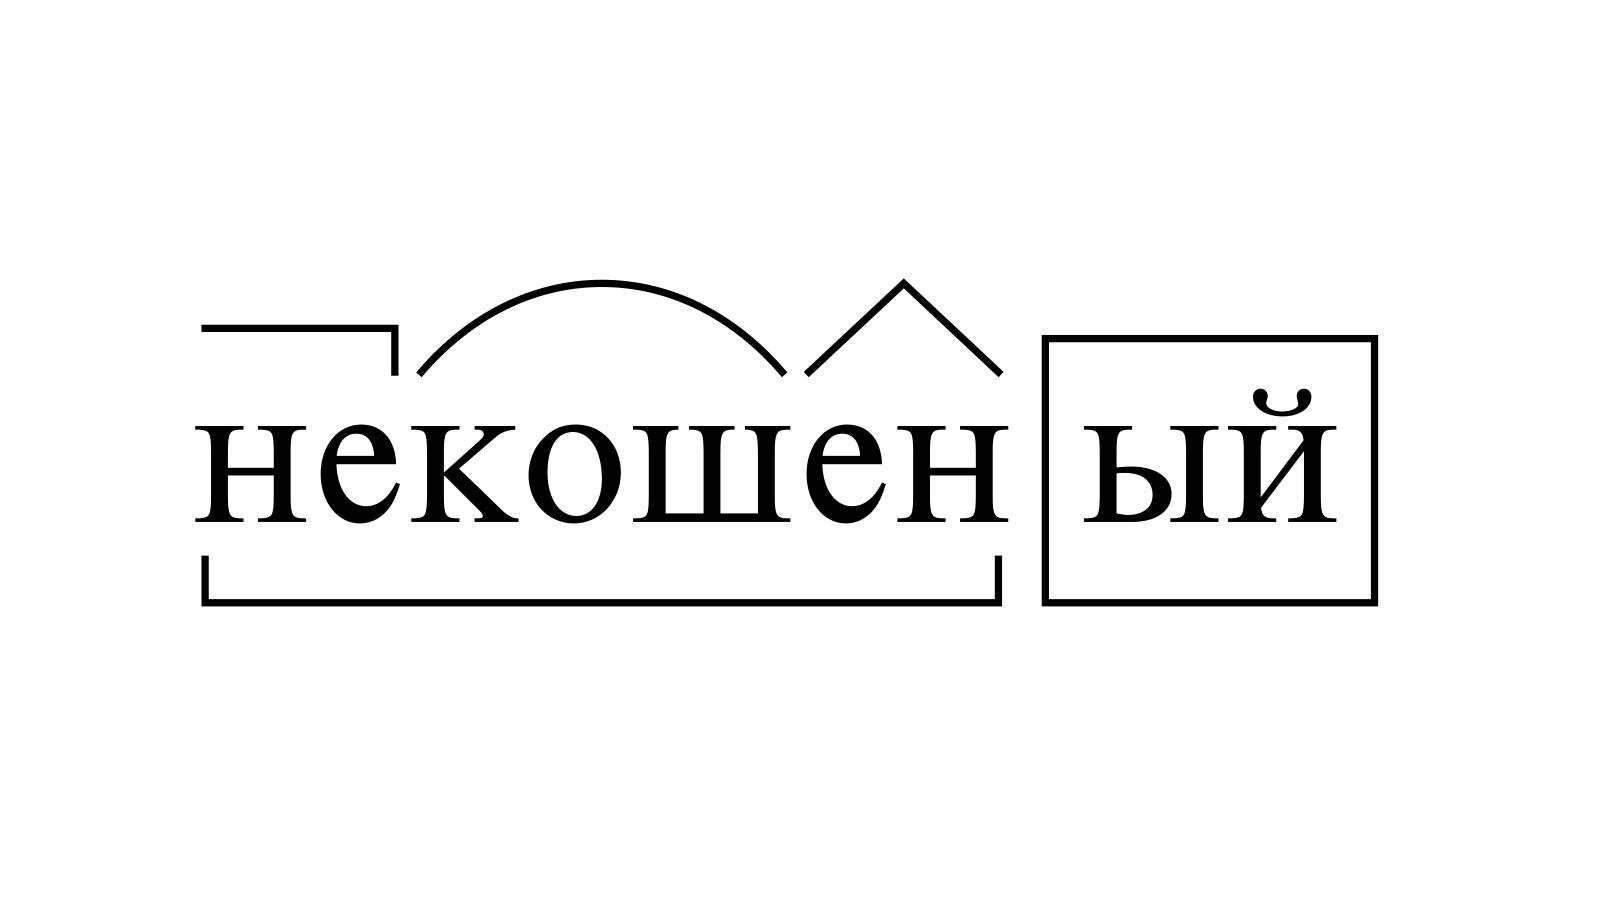 Разбор слова «некошеный» по составу